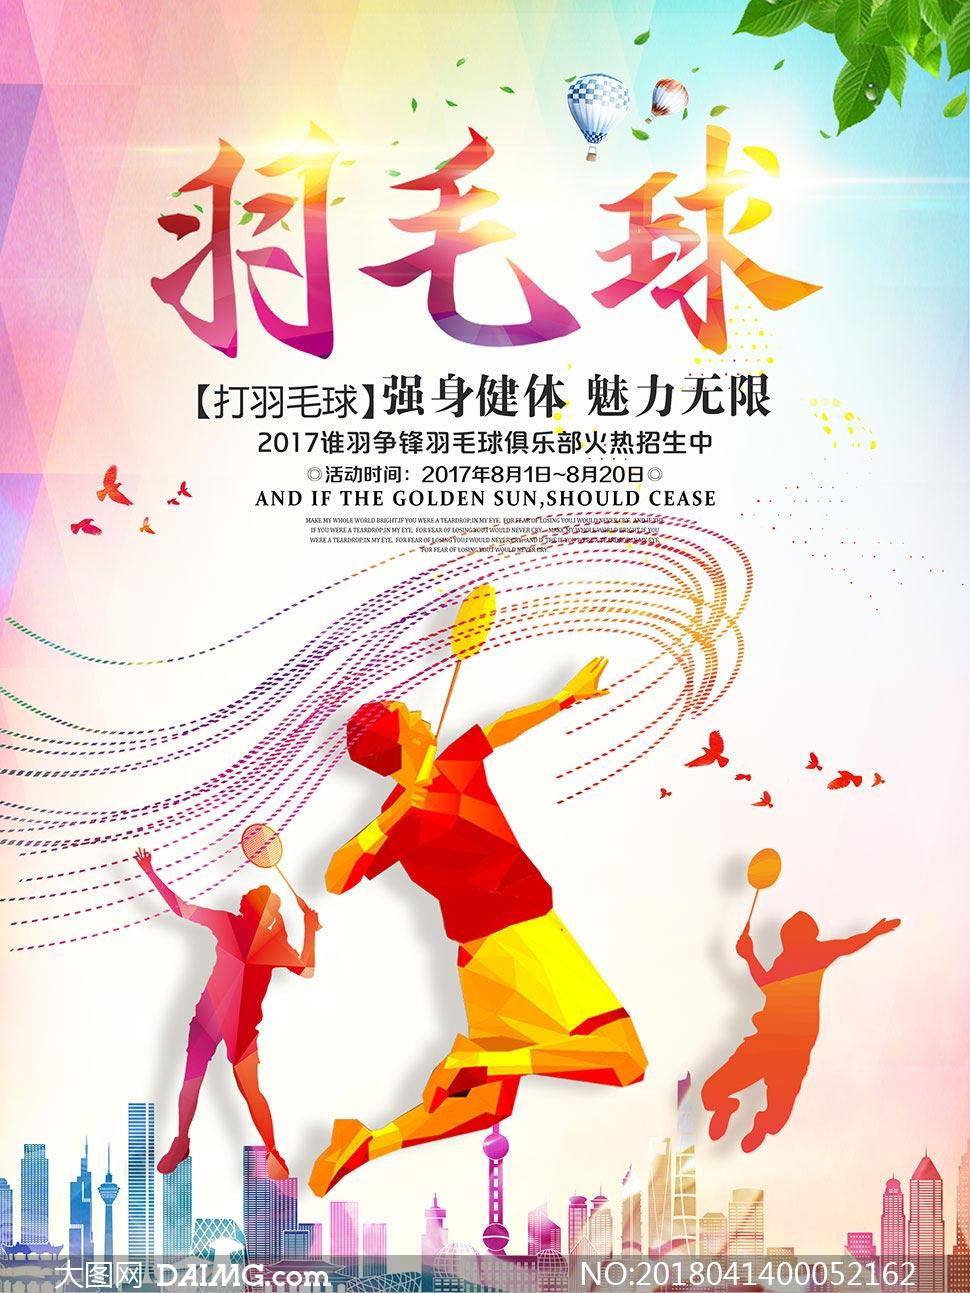 背景羽毛球宣传羽毛球推广羽毛球海报海报设计广告设计模板psd素材源